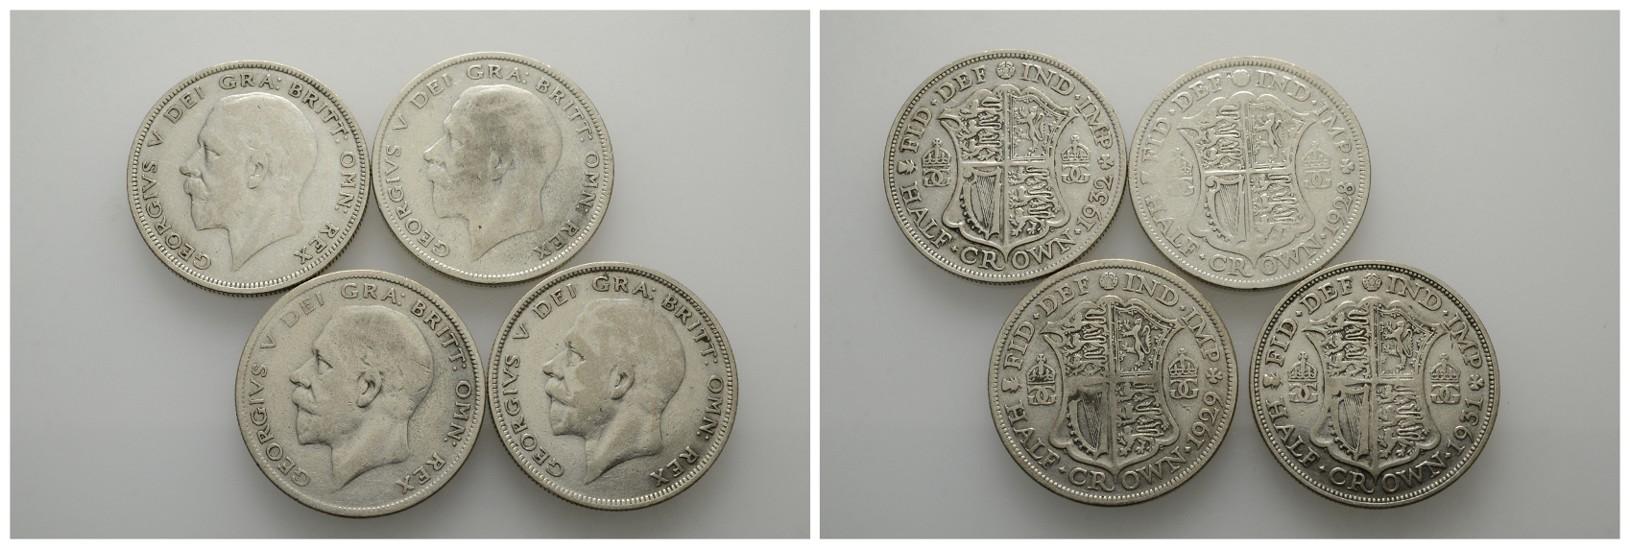 MGS Großbritannien Lot 4x 1/2 Crown 1928,29,31,32 Feingewicht: 27,8g